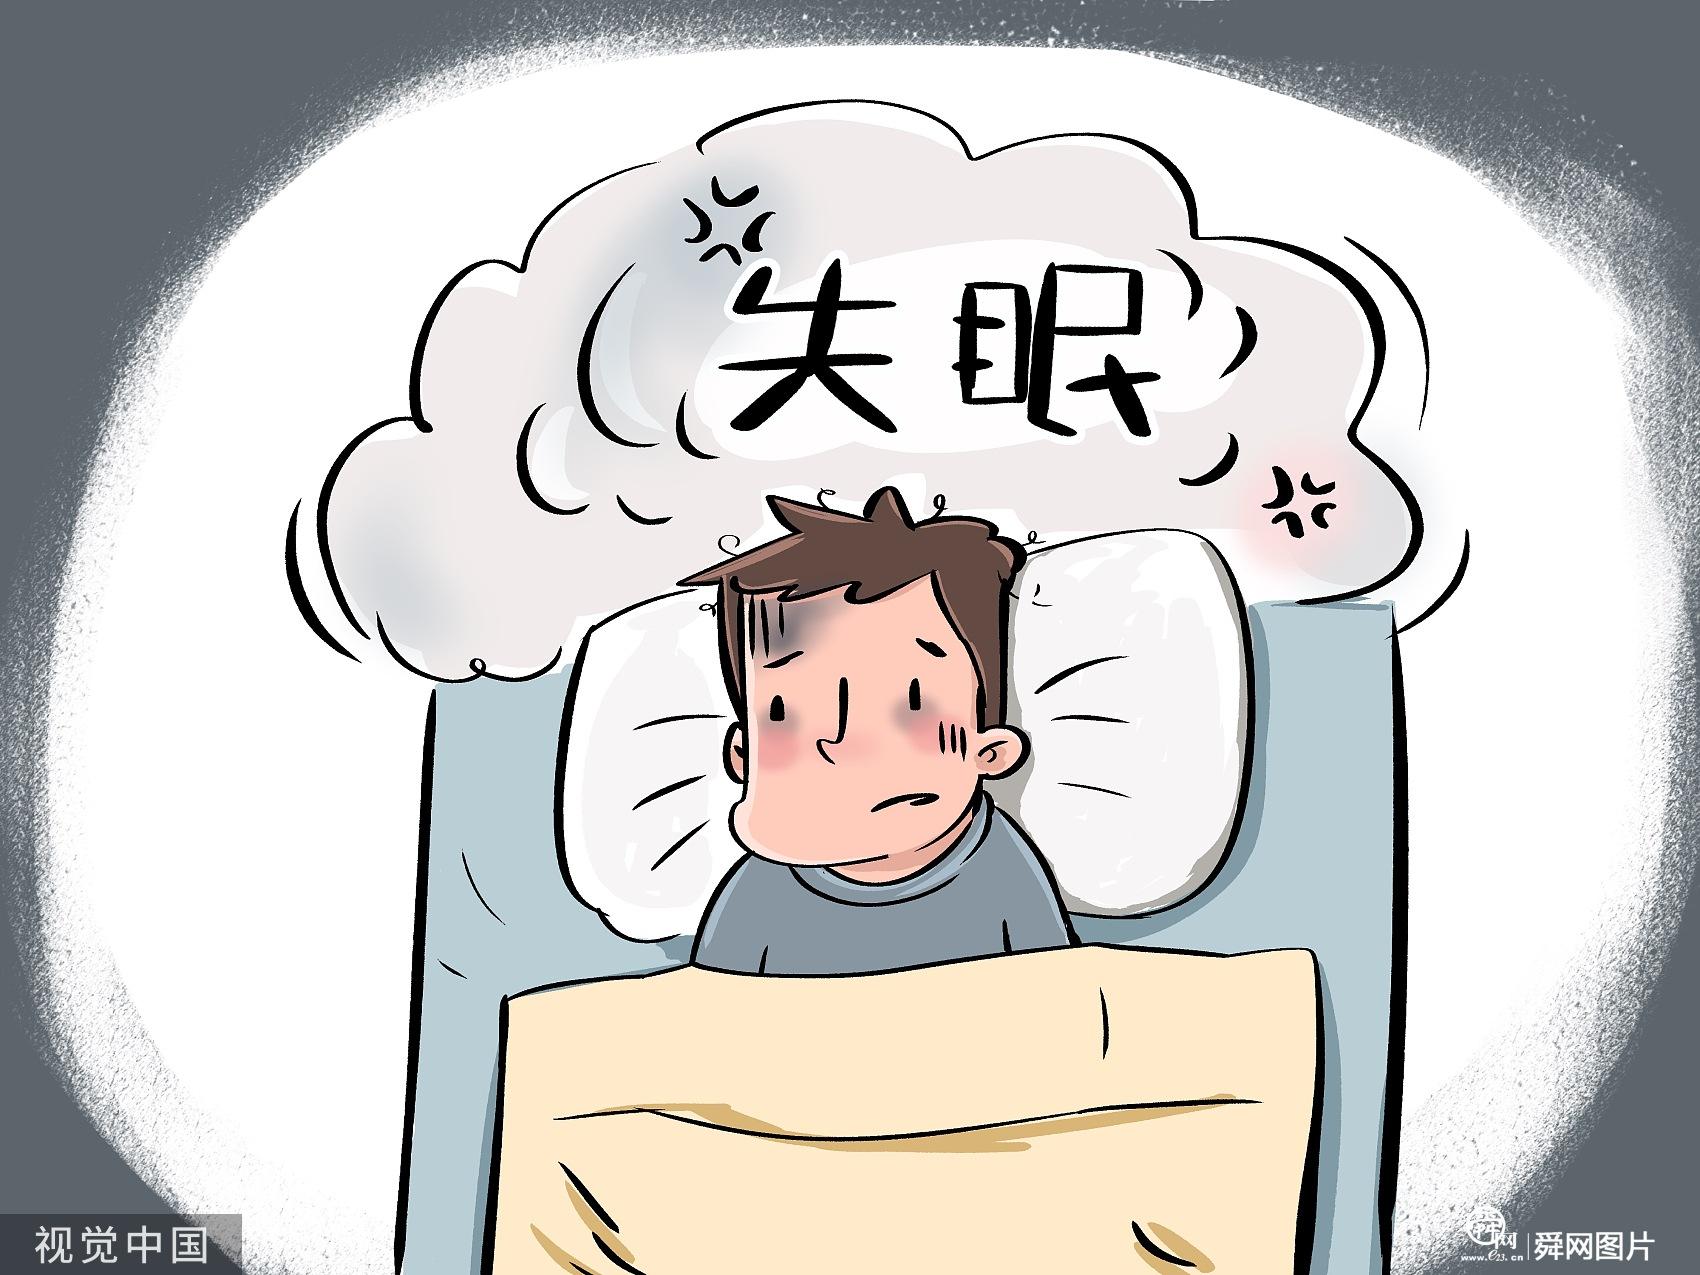 你失眠了么?预防失眠除了吃药还能怎么办